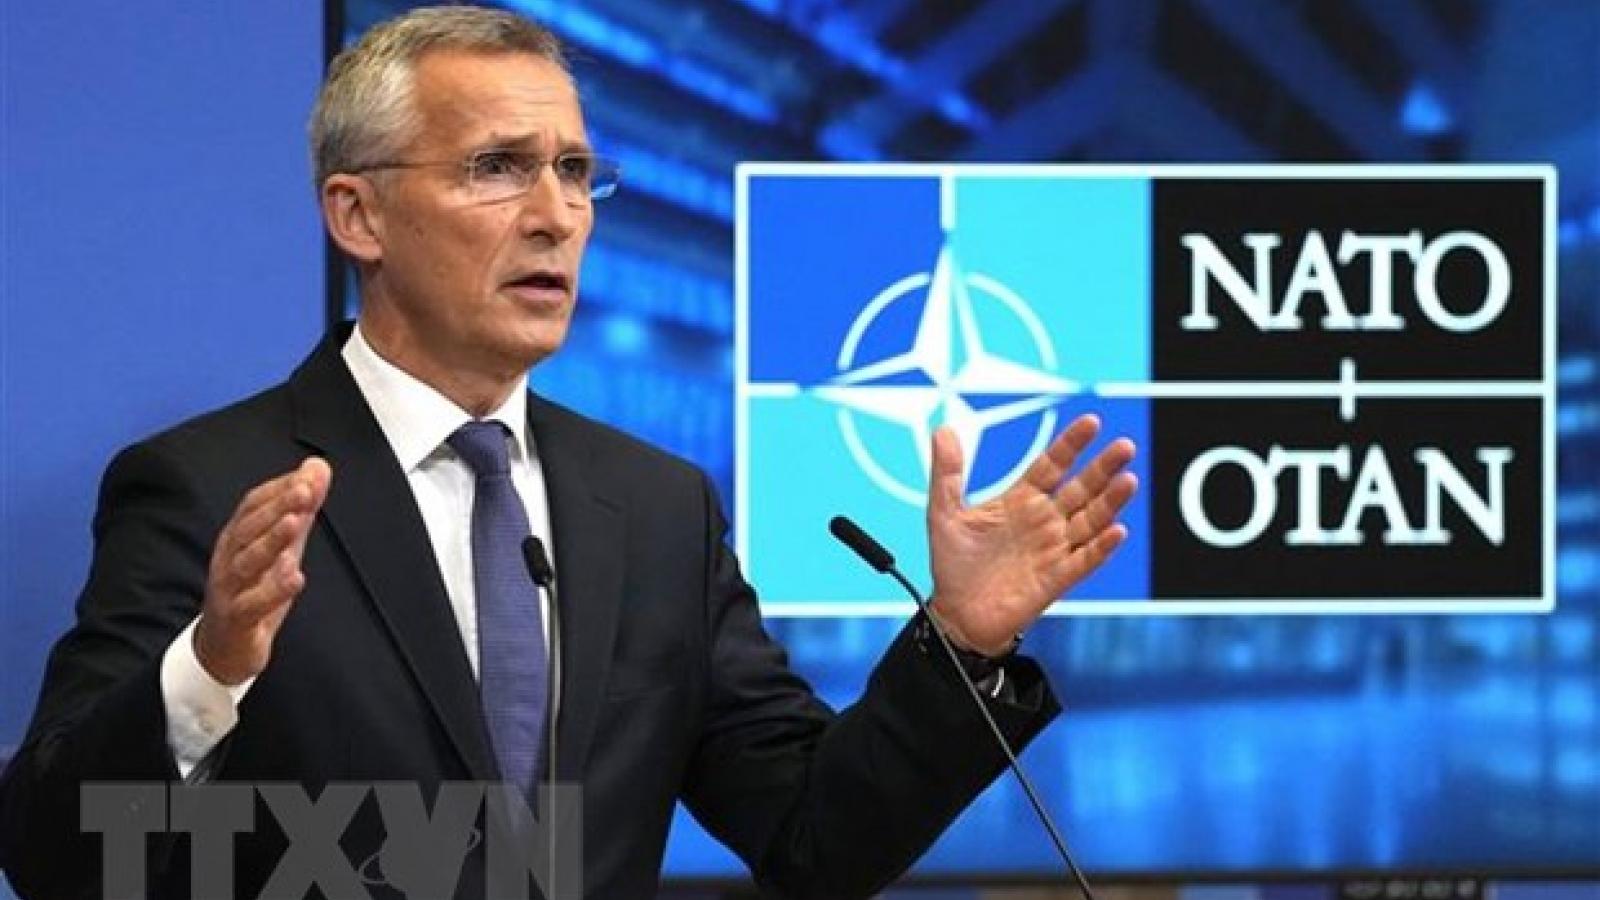 NATO khởi động quỹ hơn 1 tỷ USD phát triển công nghệ mới